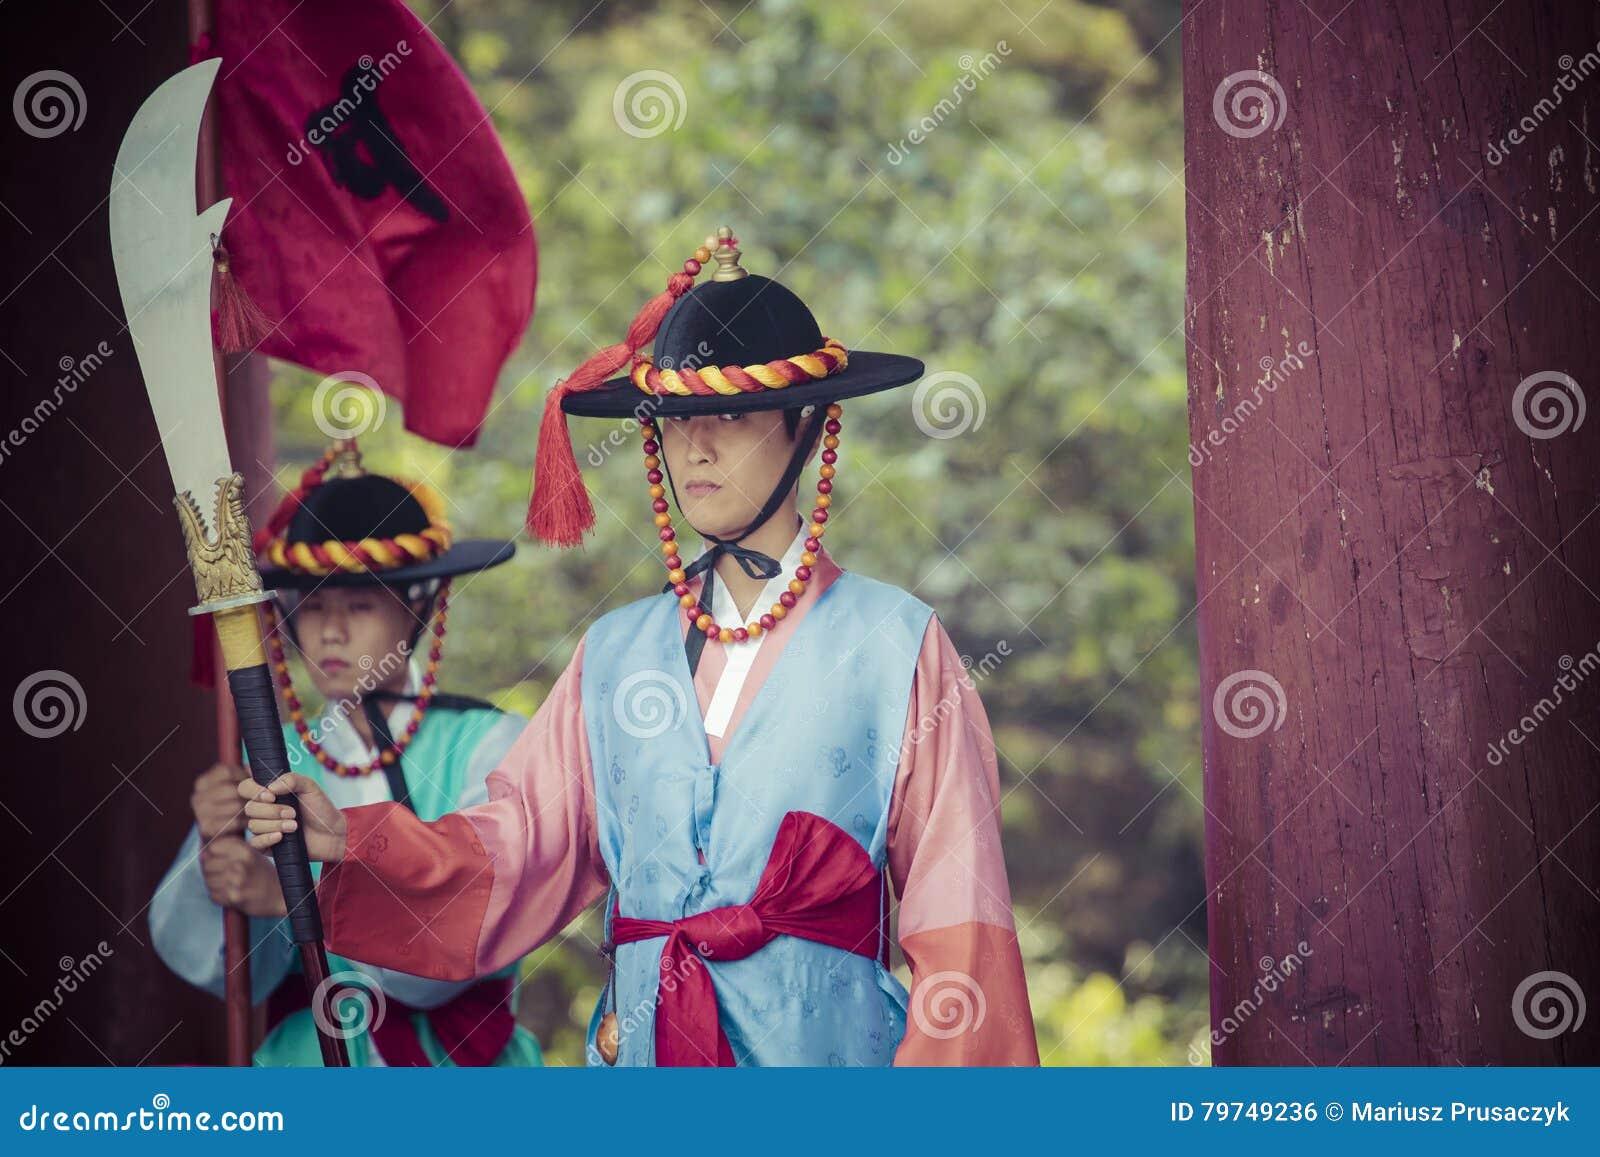 SEUL, COREA DEL SUR - 20 DE OCTUBRE DE 2016: Guardias de palacio en traditio